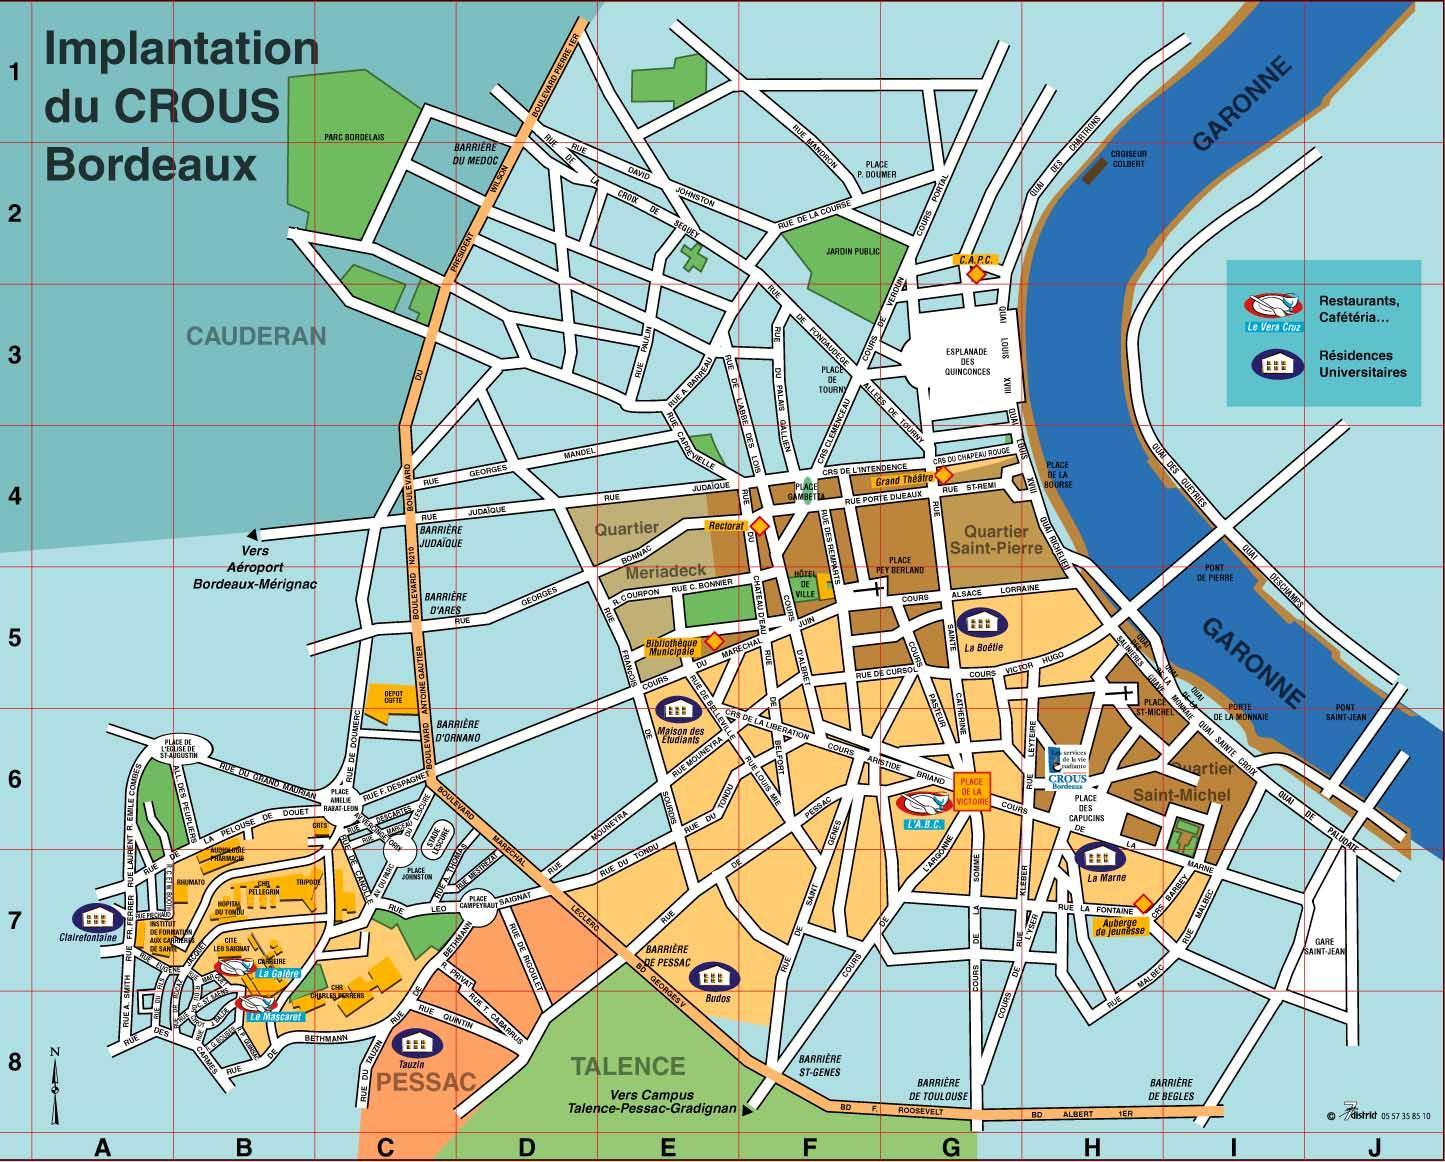 plan de metro paris fran ais m tro ratp francais carte mapa map of france plan de bordeaux images. Black Bedroom Furniture Sets. Home Design Ideas